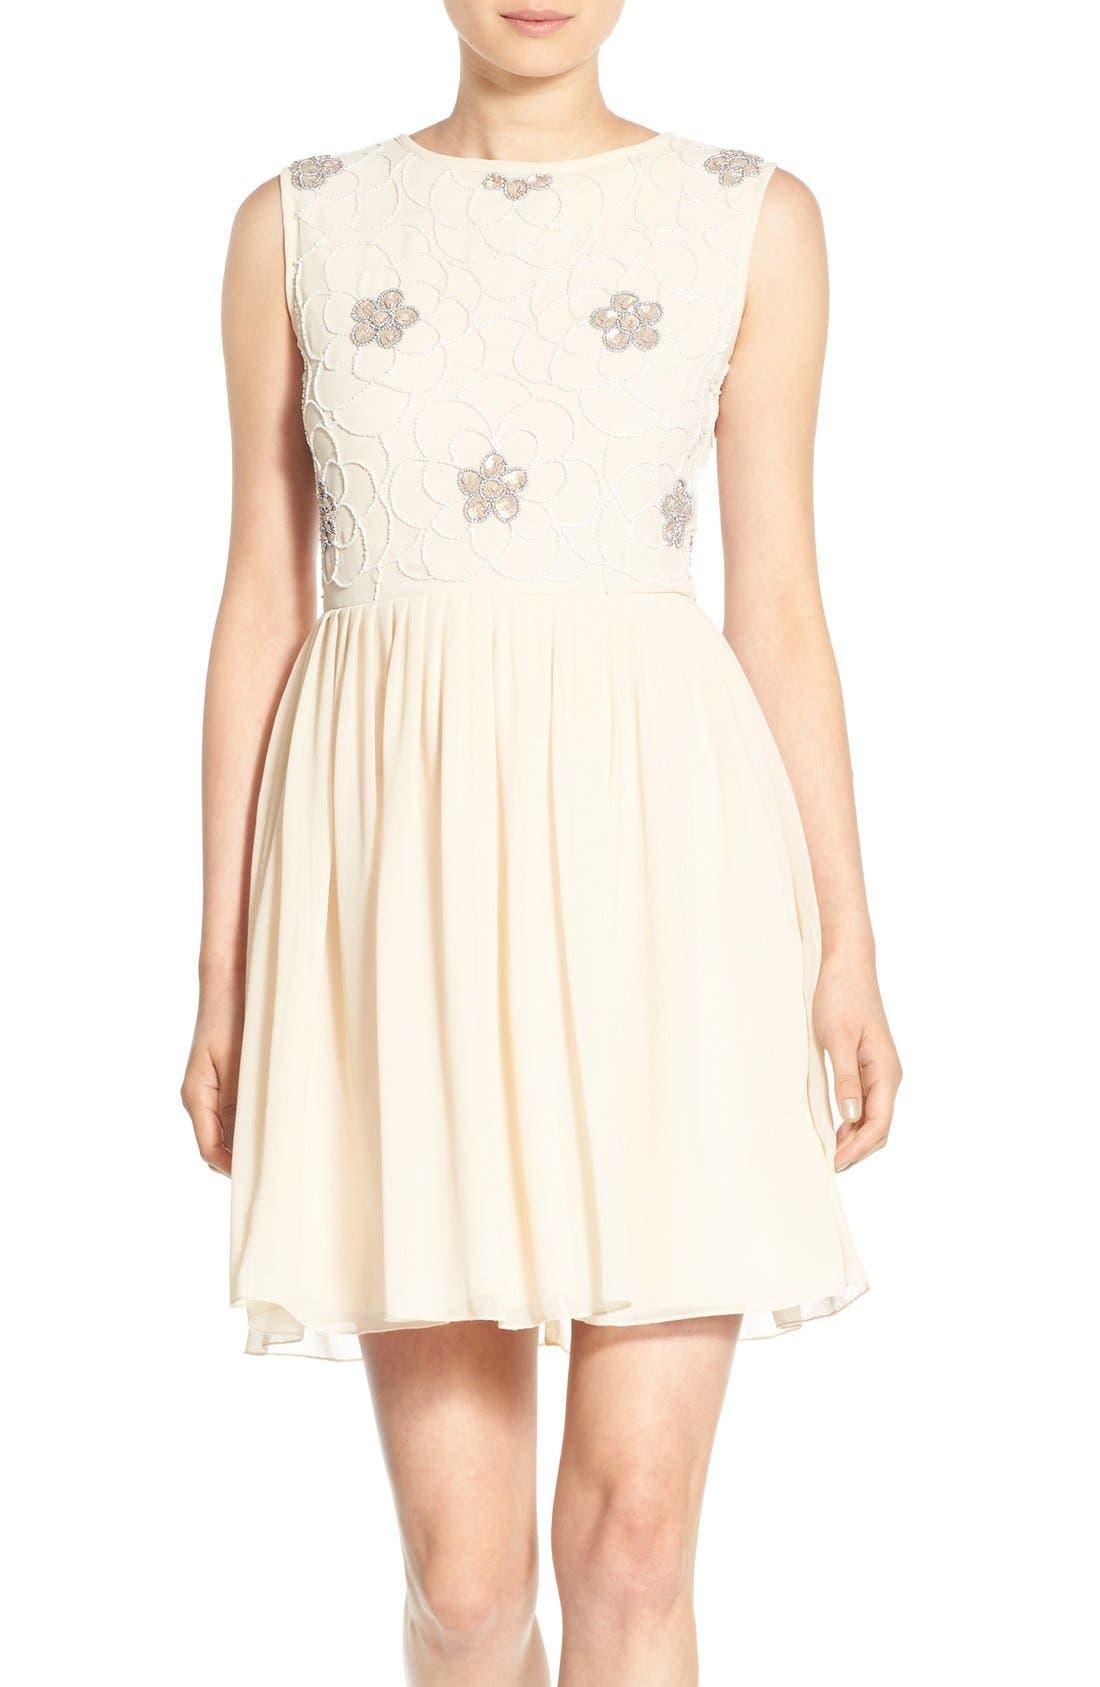 Alternate Image 1 Selected - Lace & Beads 'Sandra' Embellished Skater Dress